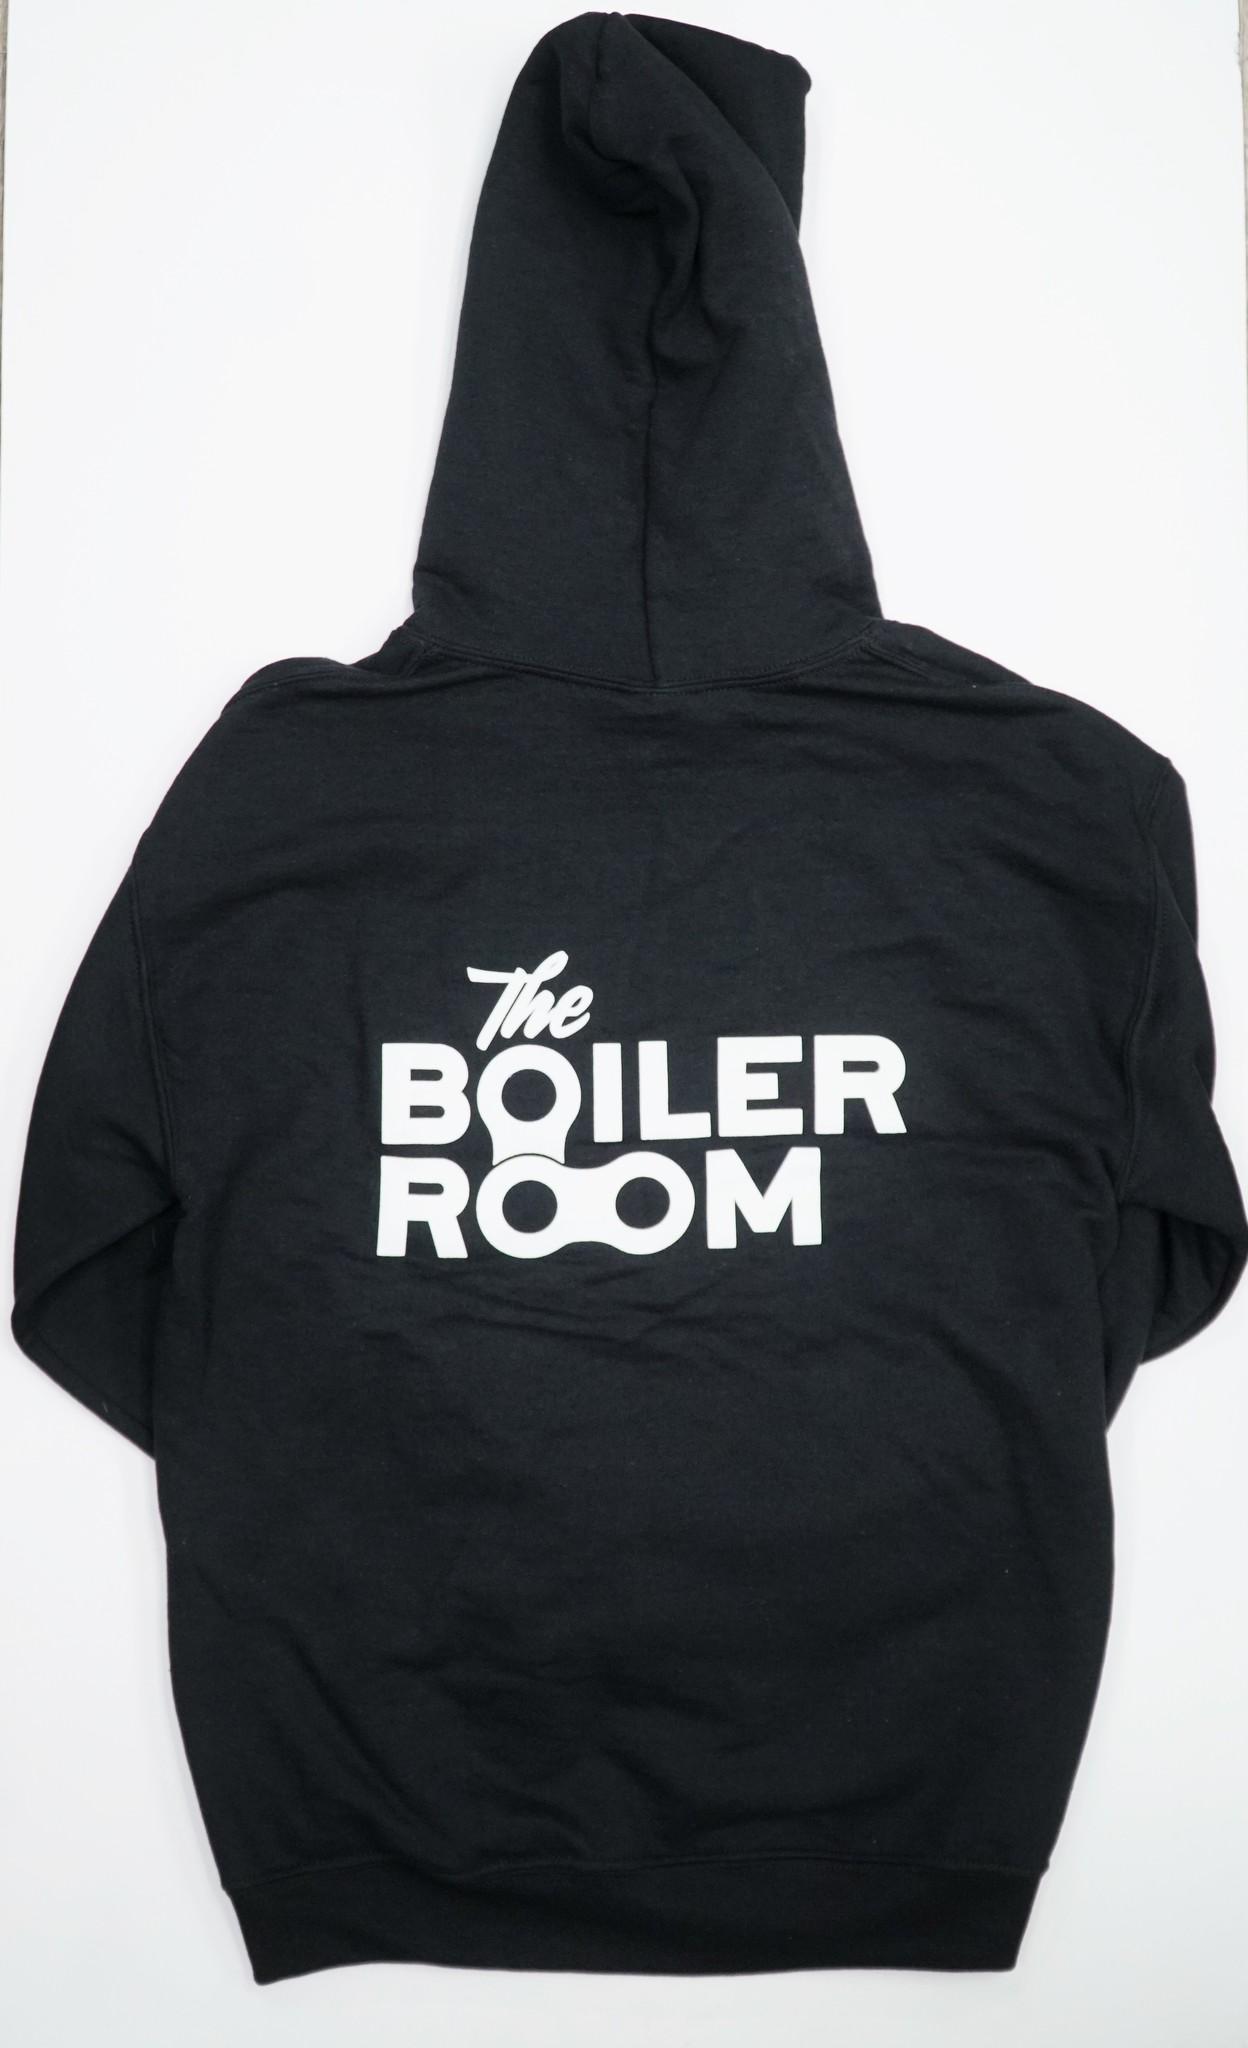 The Boiler Room Heavyweight Hoodie